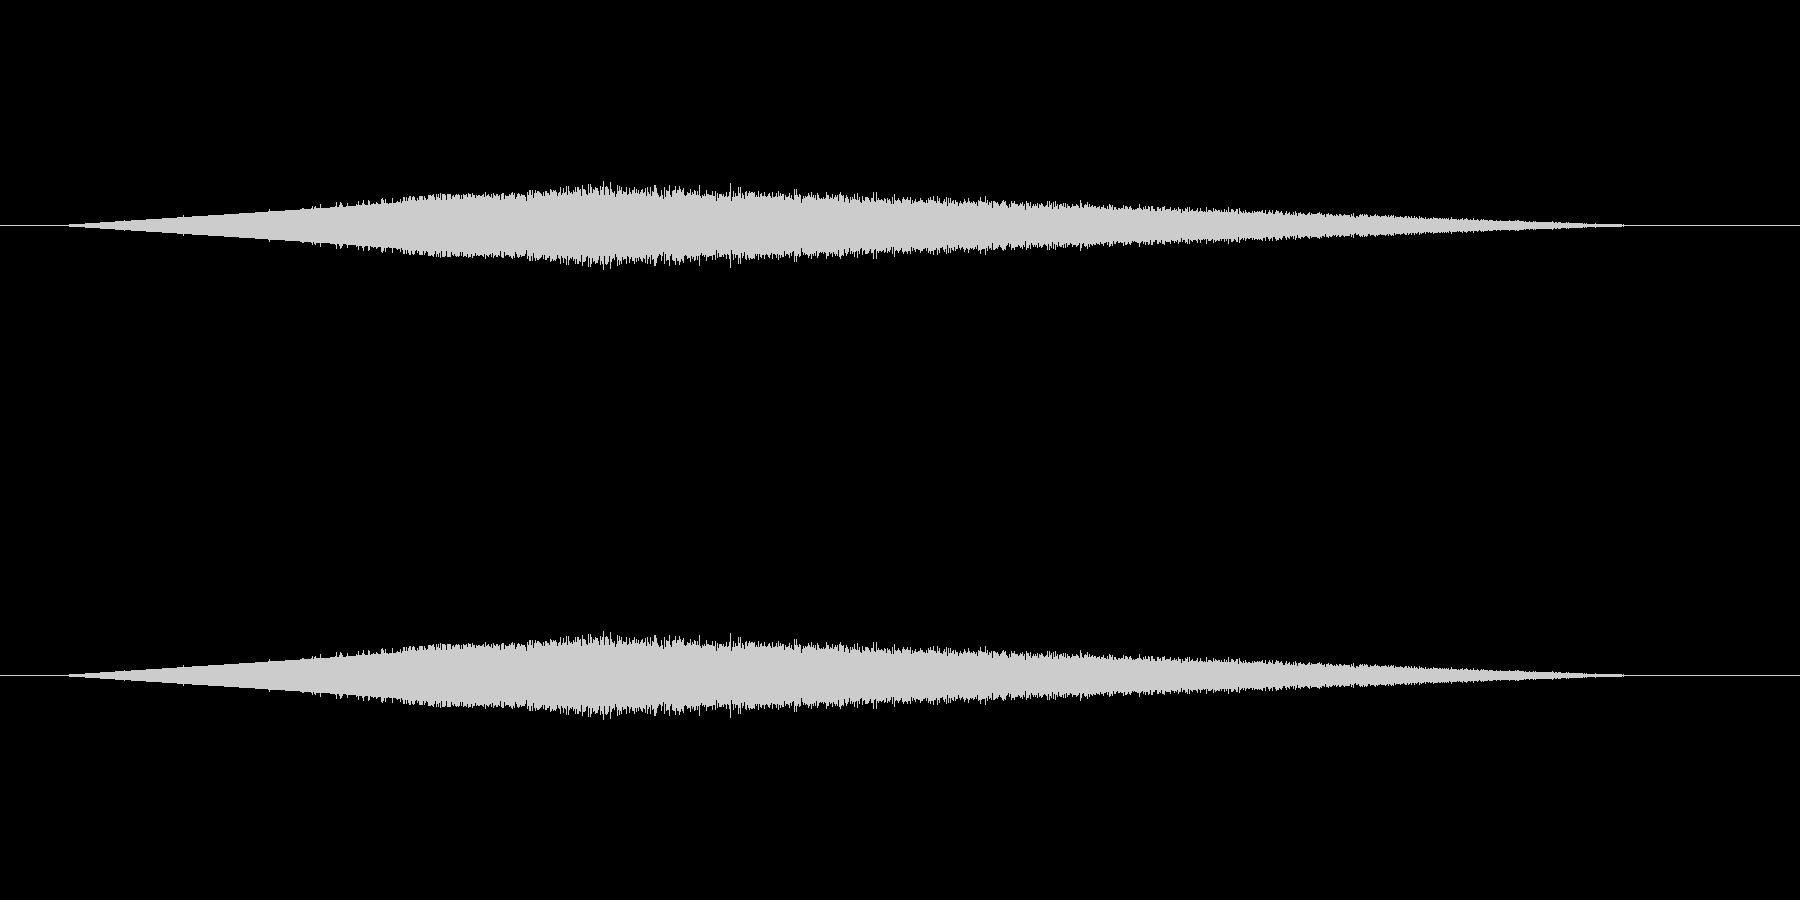 レトロゲーム風魔法・水系1の未再生の波形